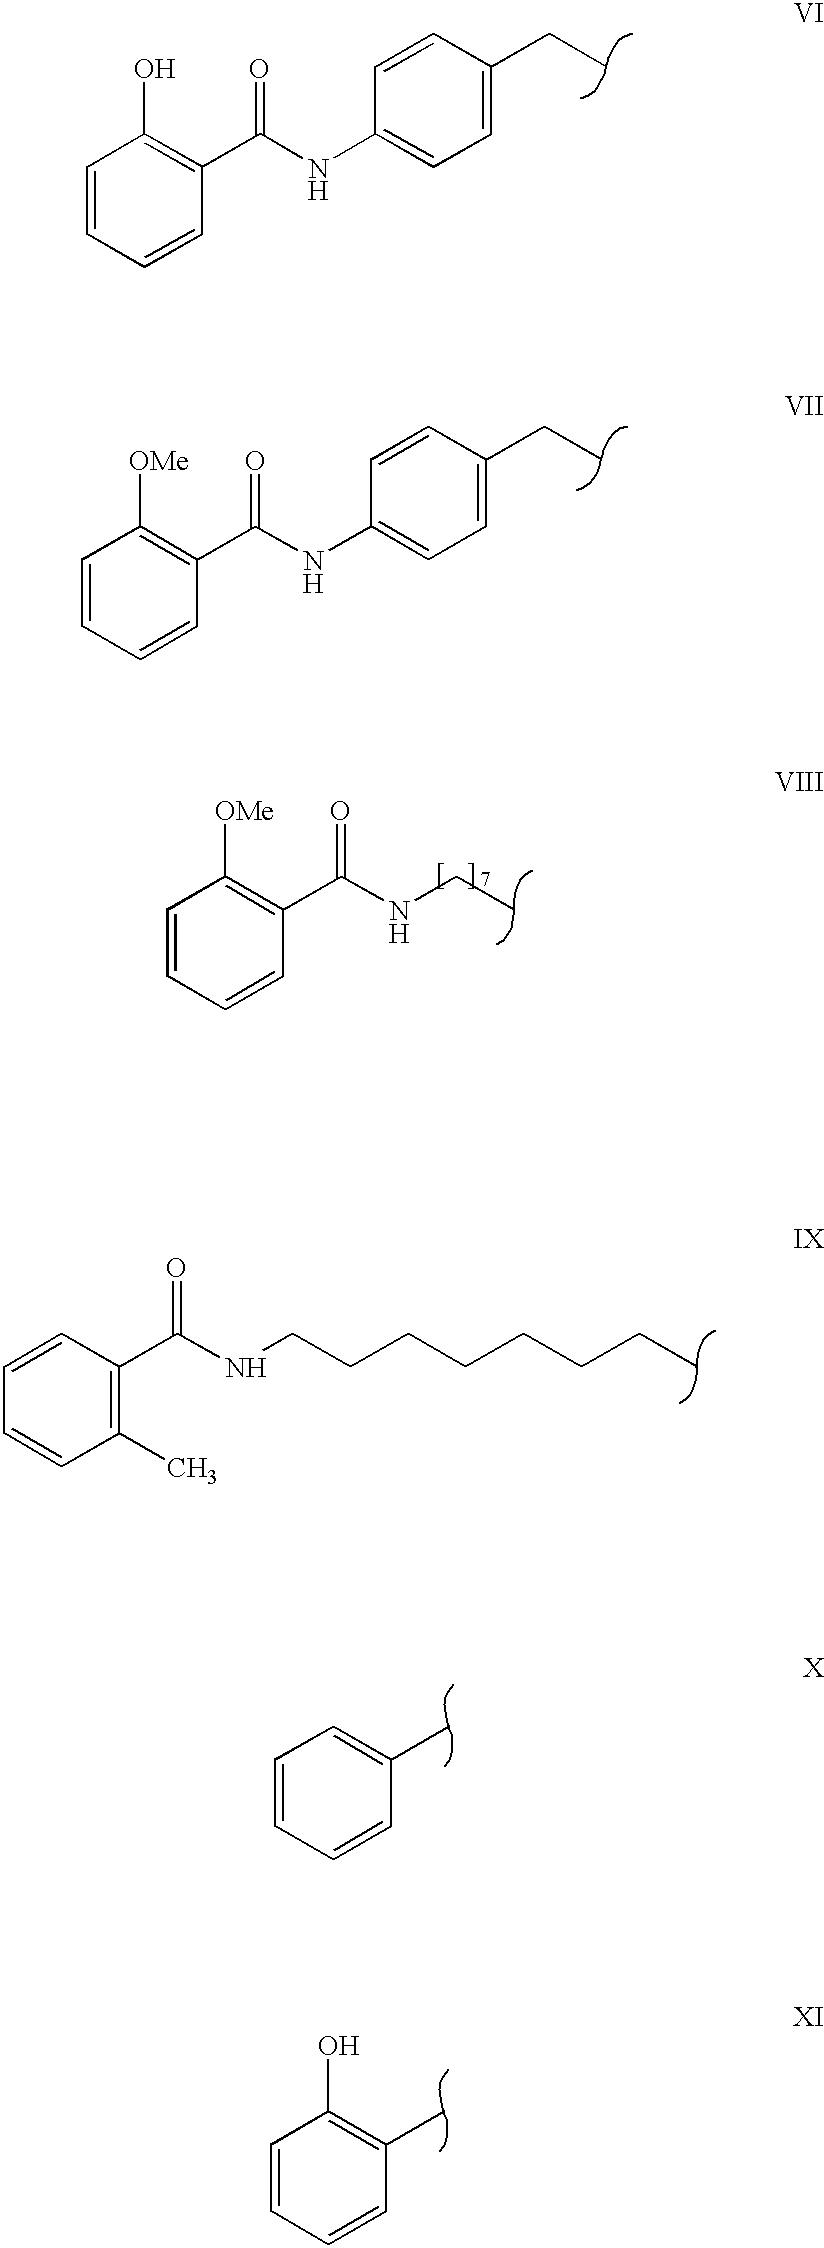 Figure US06627228-20030930-C00029